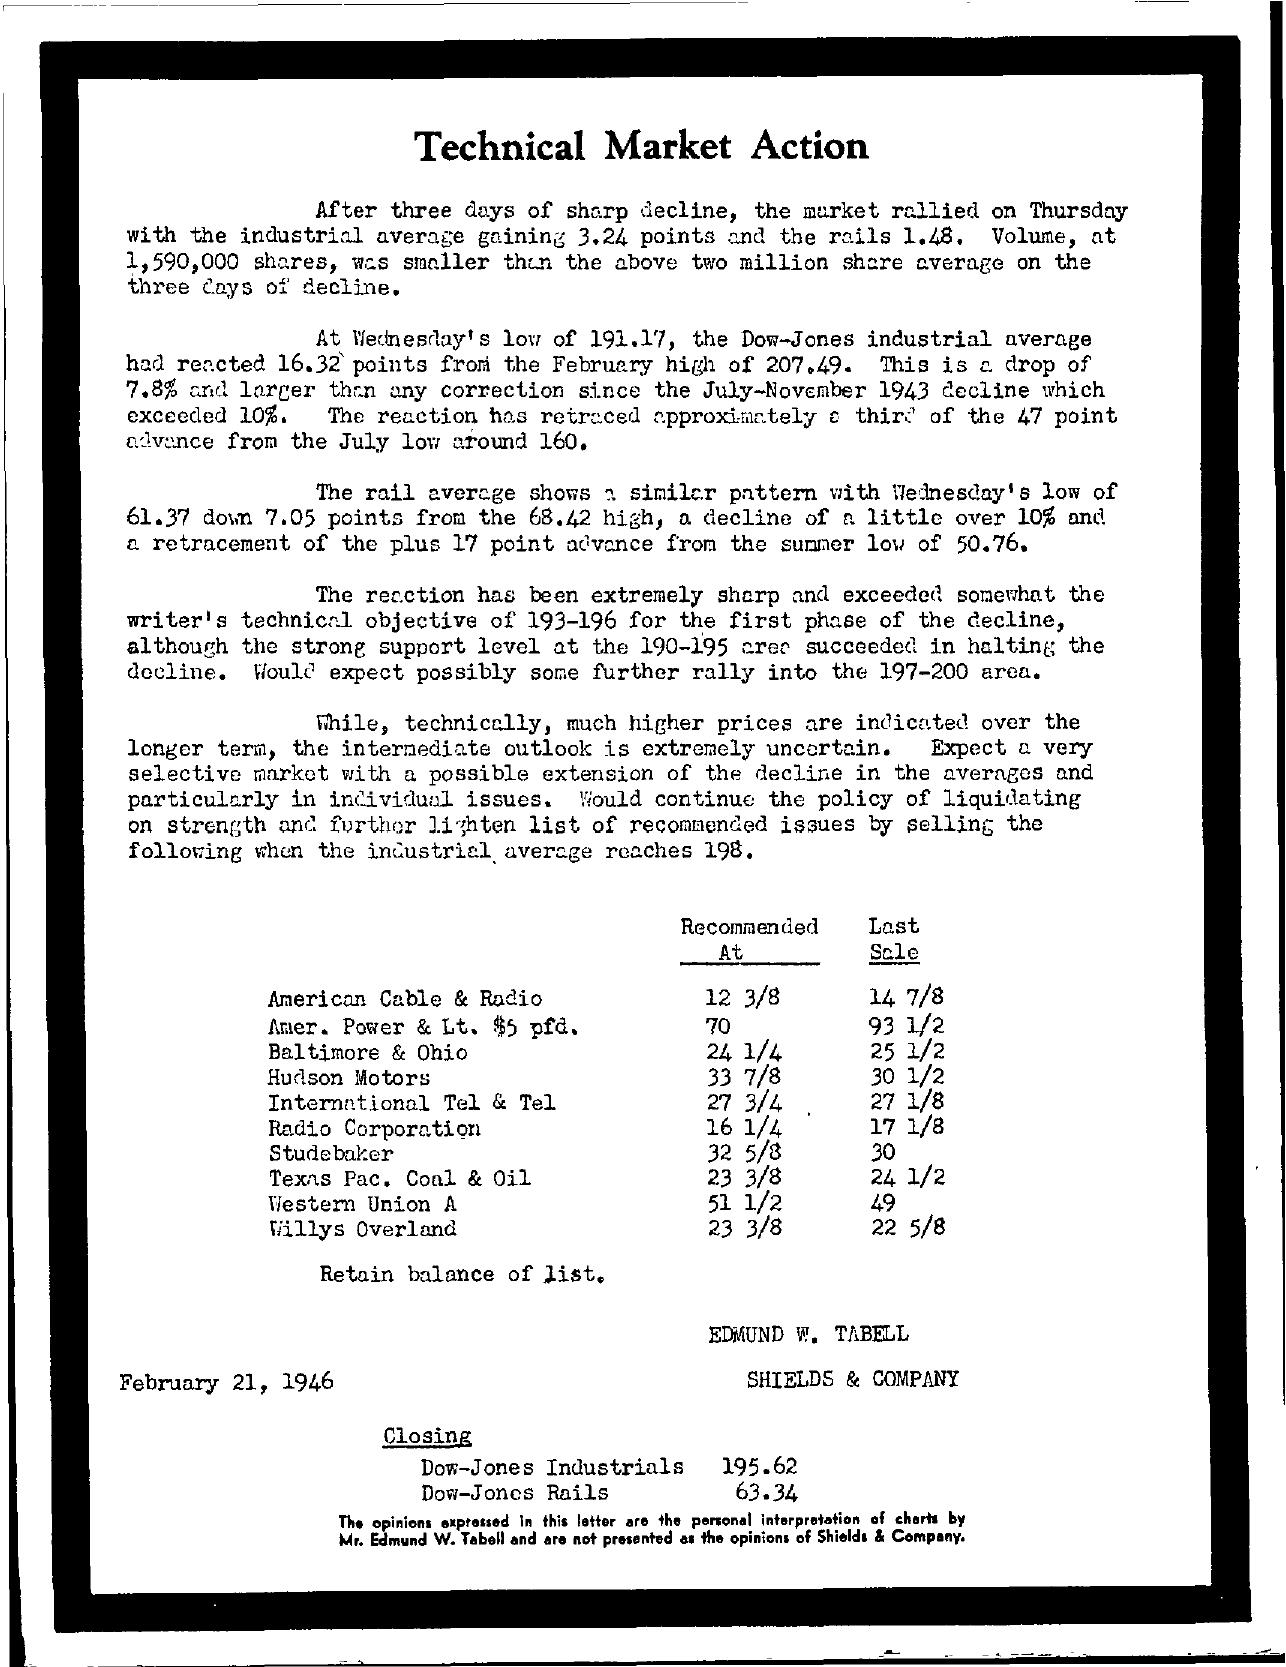 Tabell's Market Letter - February 21, 1946